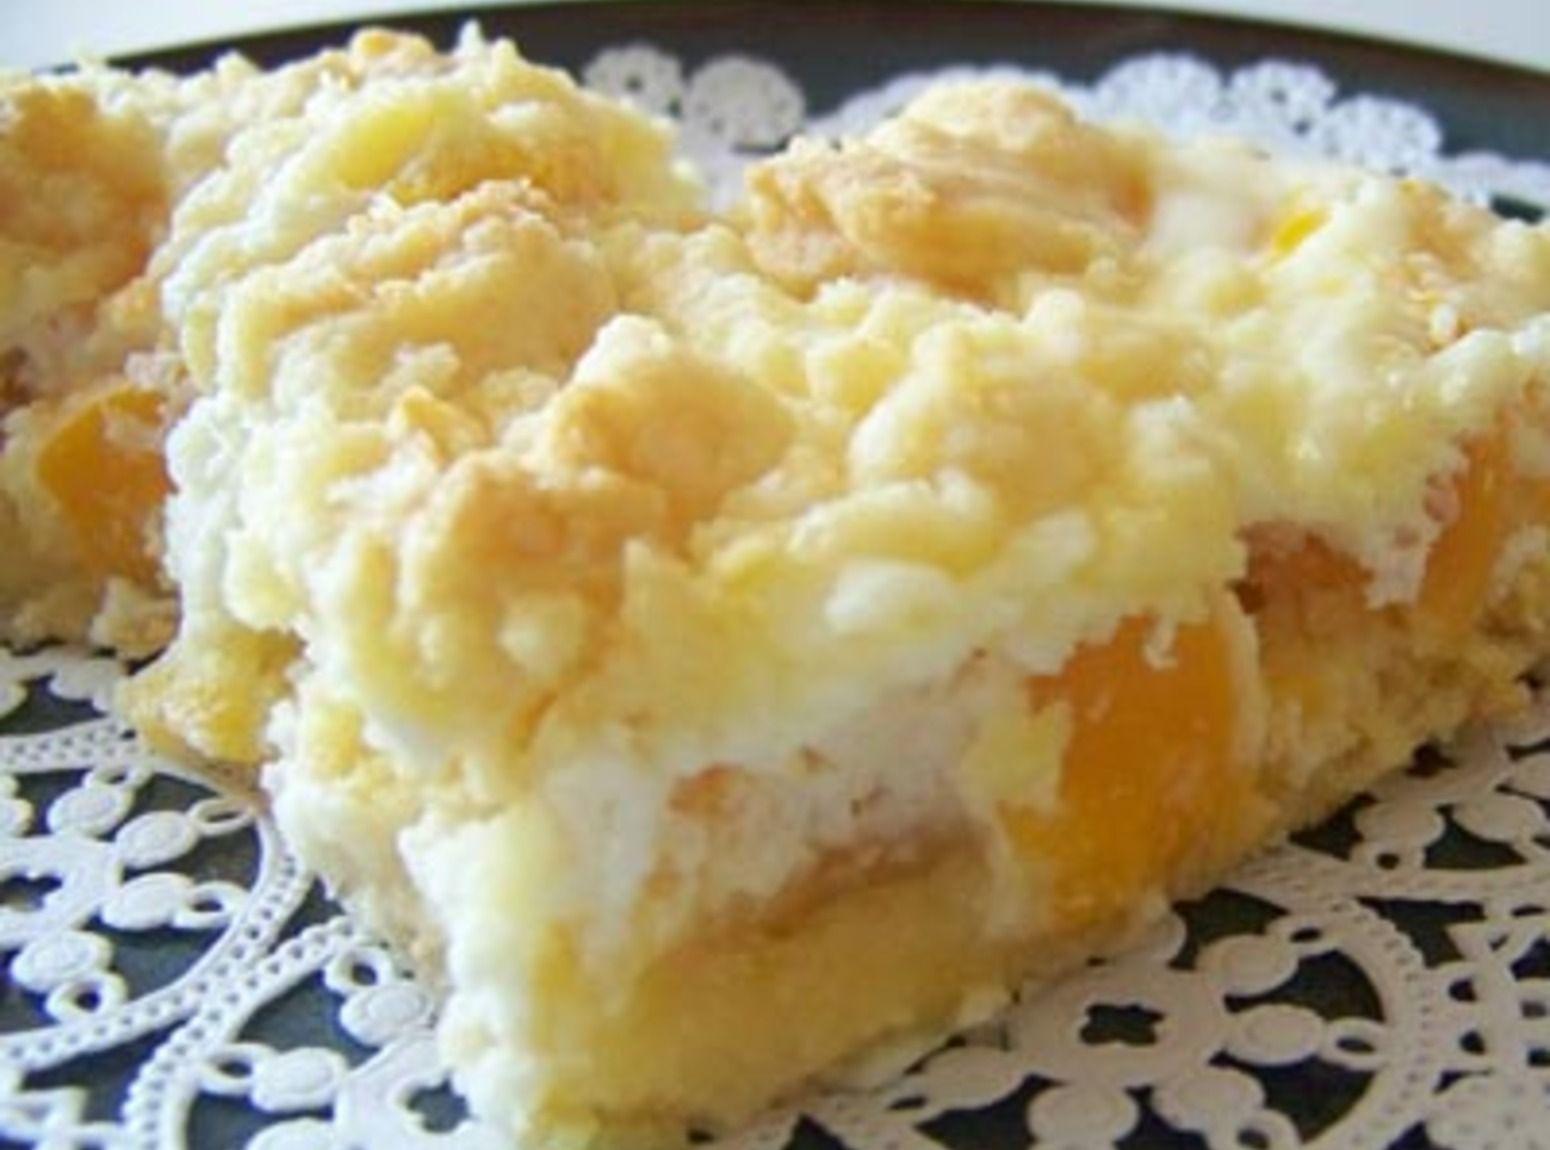 Cake mix, cream cheese and peaches. summer dessert-yum!